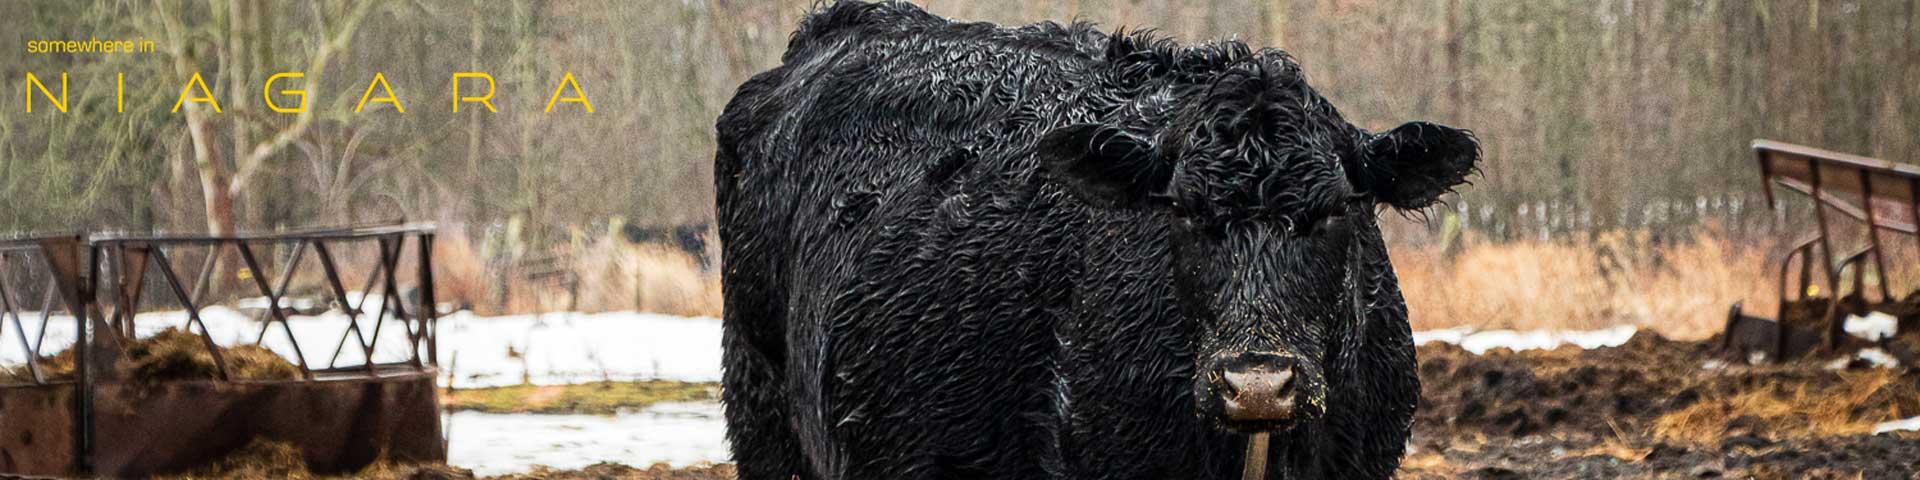 A bull in a field in the rain